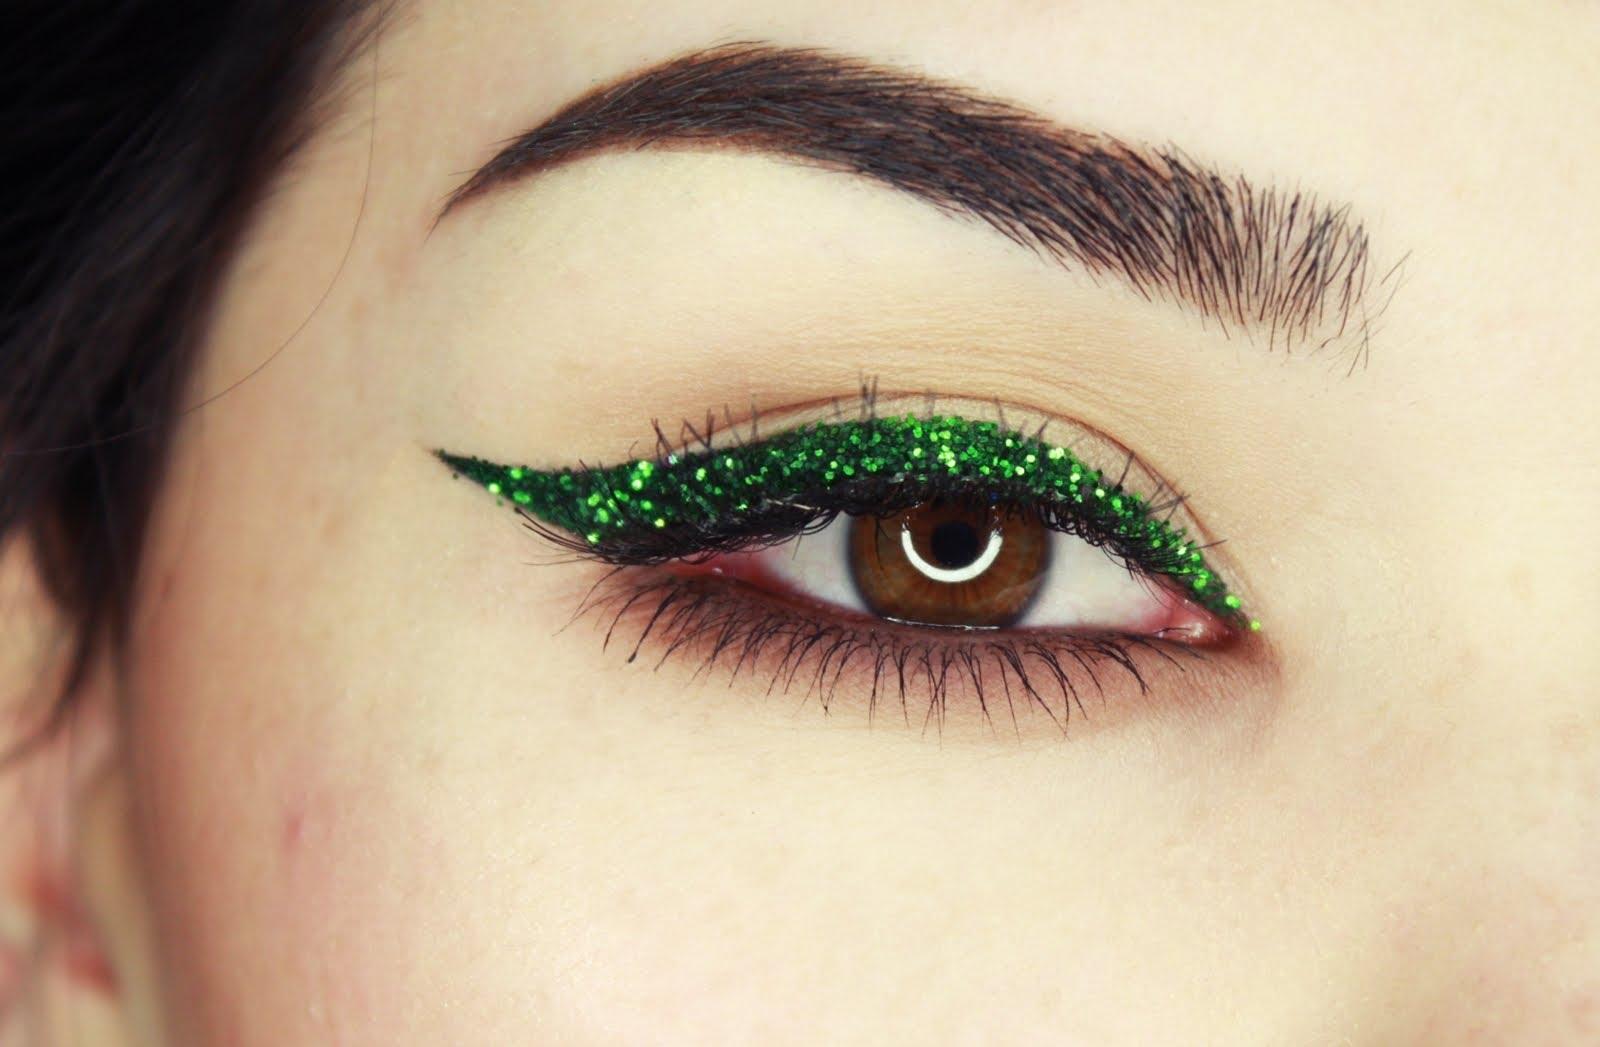 Макияж с блестящими зелеными стрелками 2018